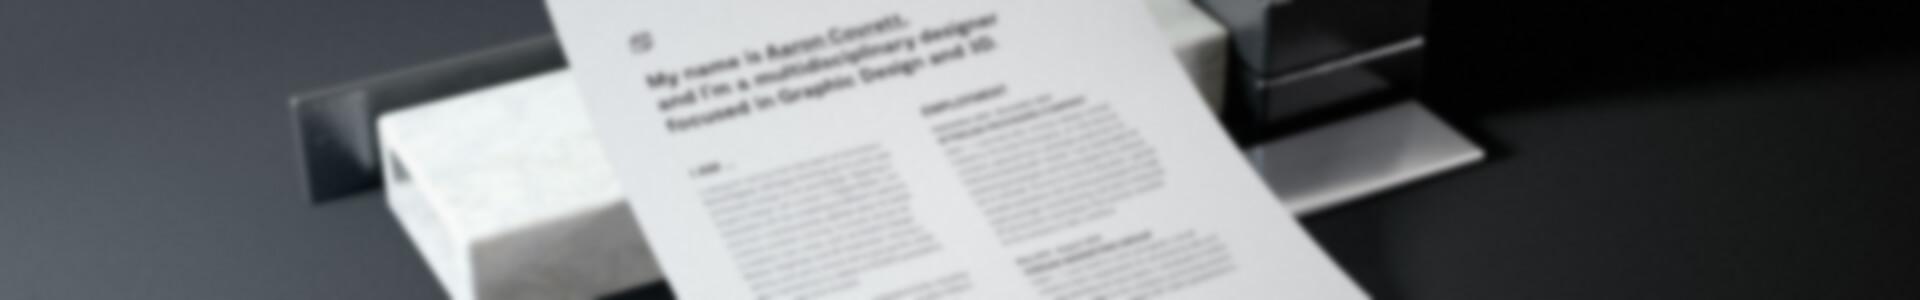 dafd3934075772.56c34b0fa8b2c - In giấy tiêu đề